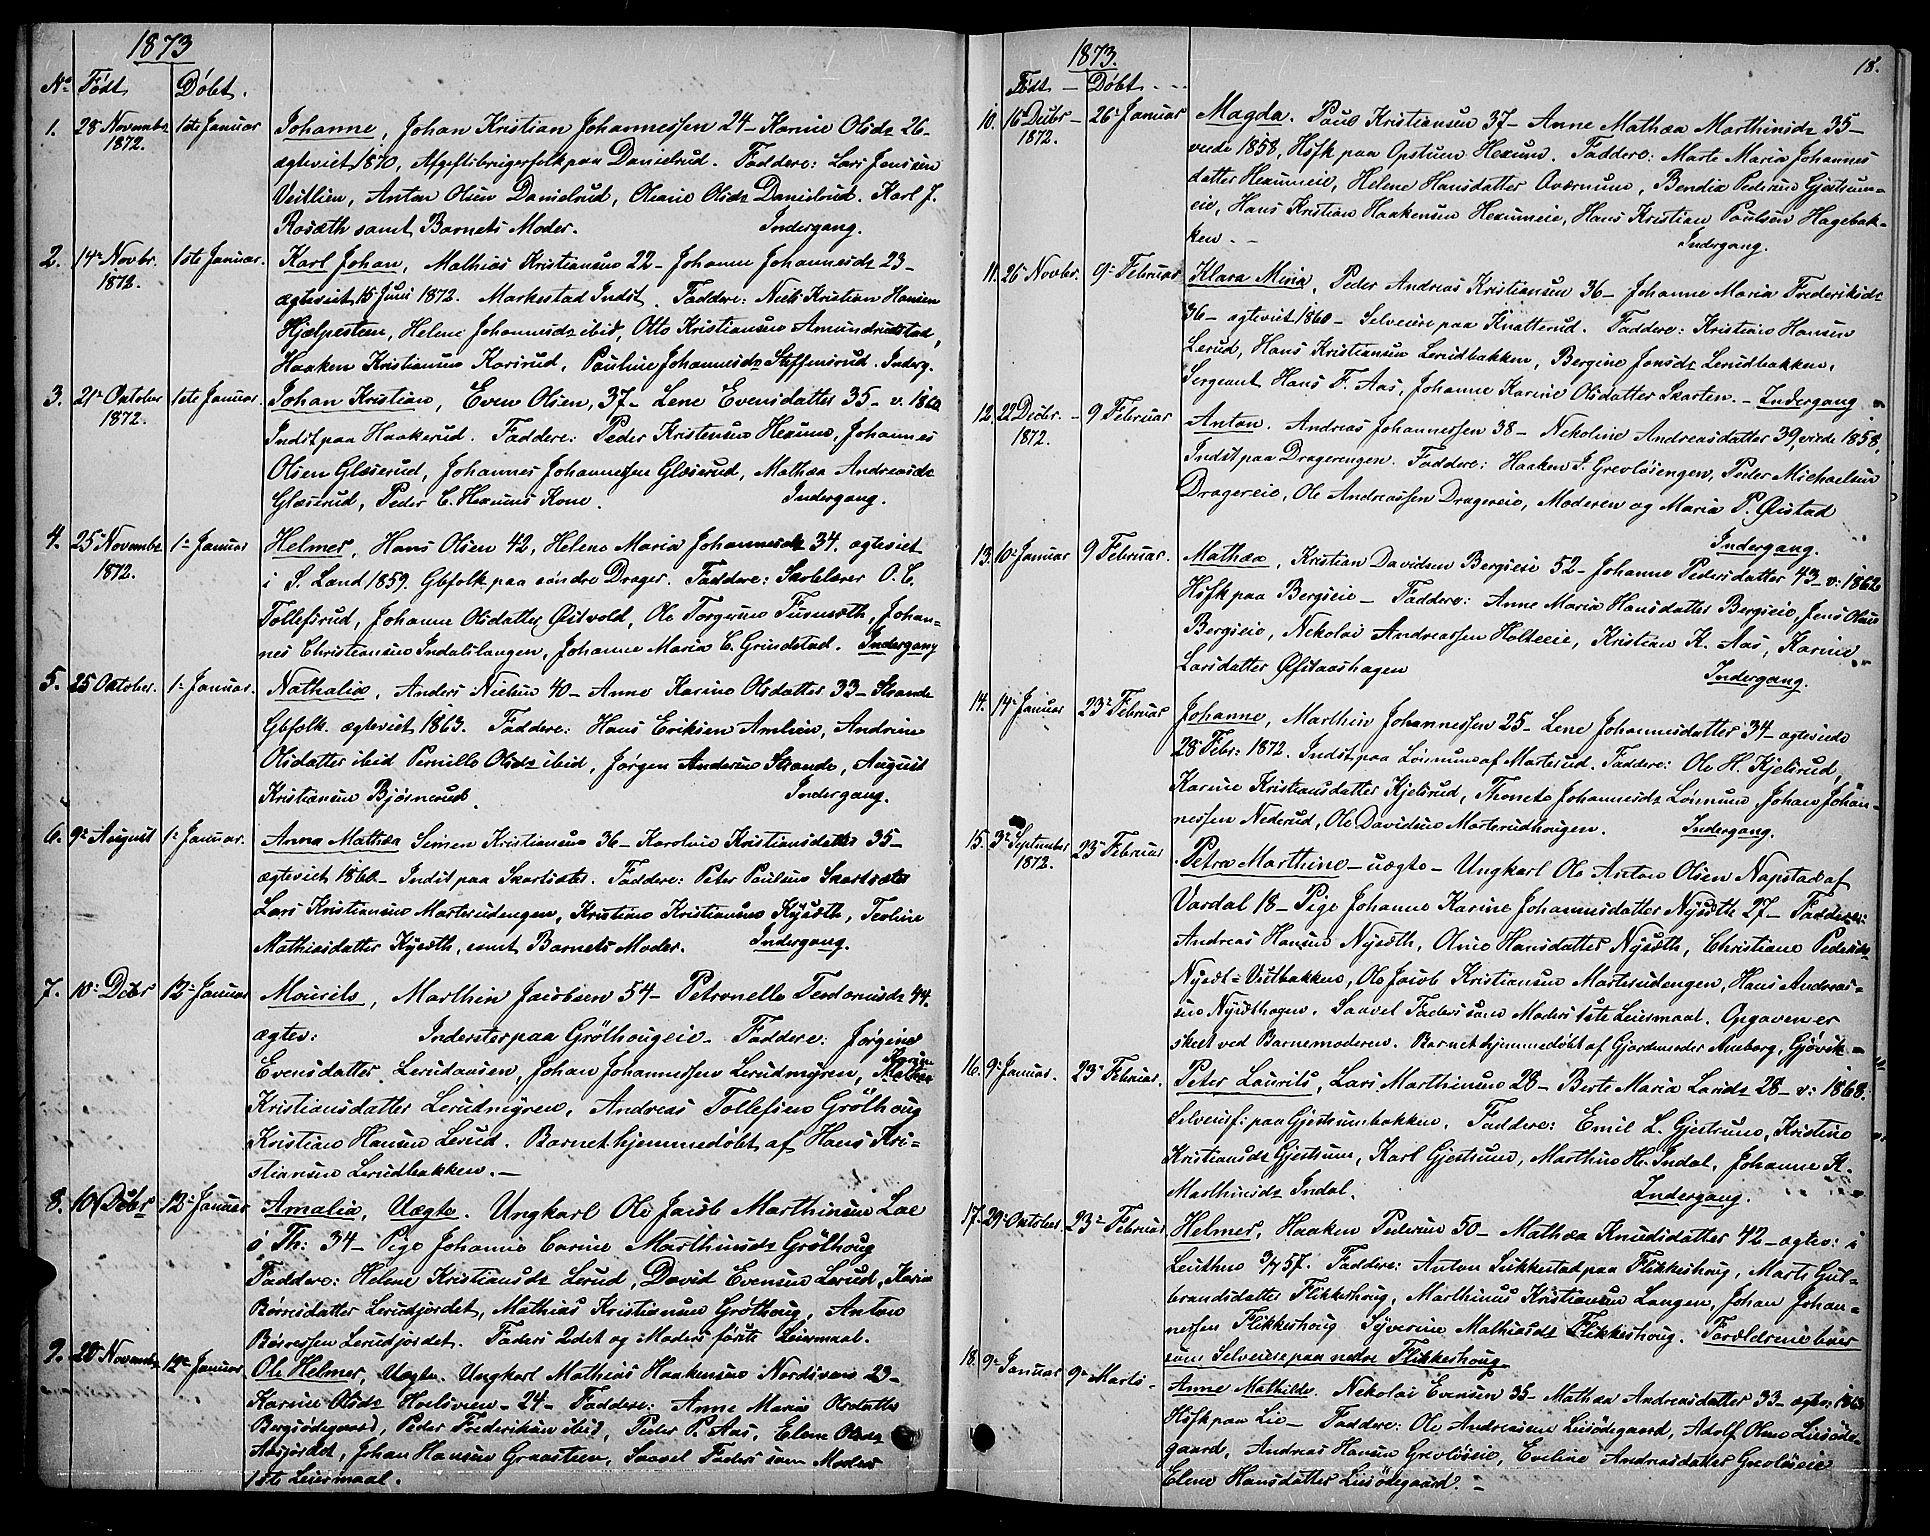 SAH, Vestre Toten prestekontor, Klokkerbok nr. 6, 1870-1887, s. 18